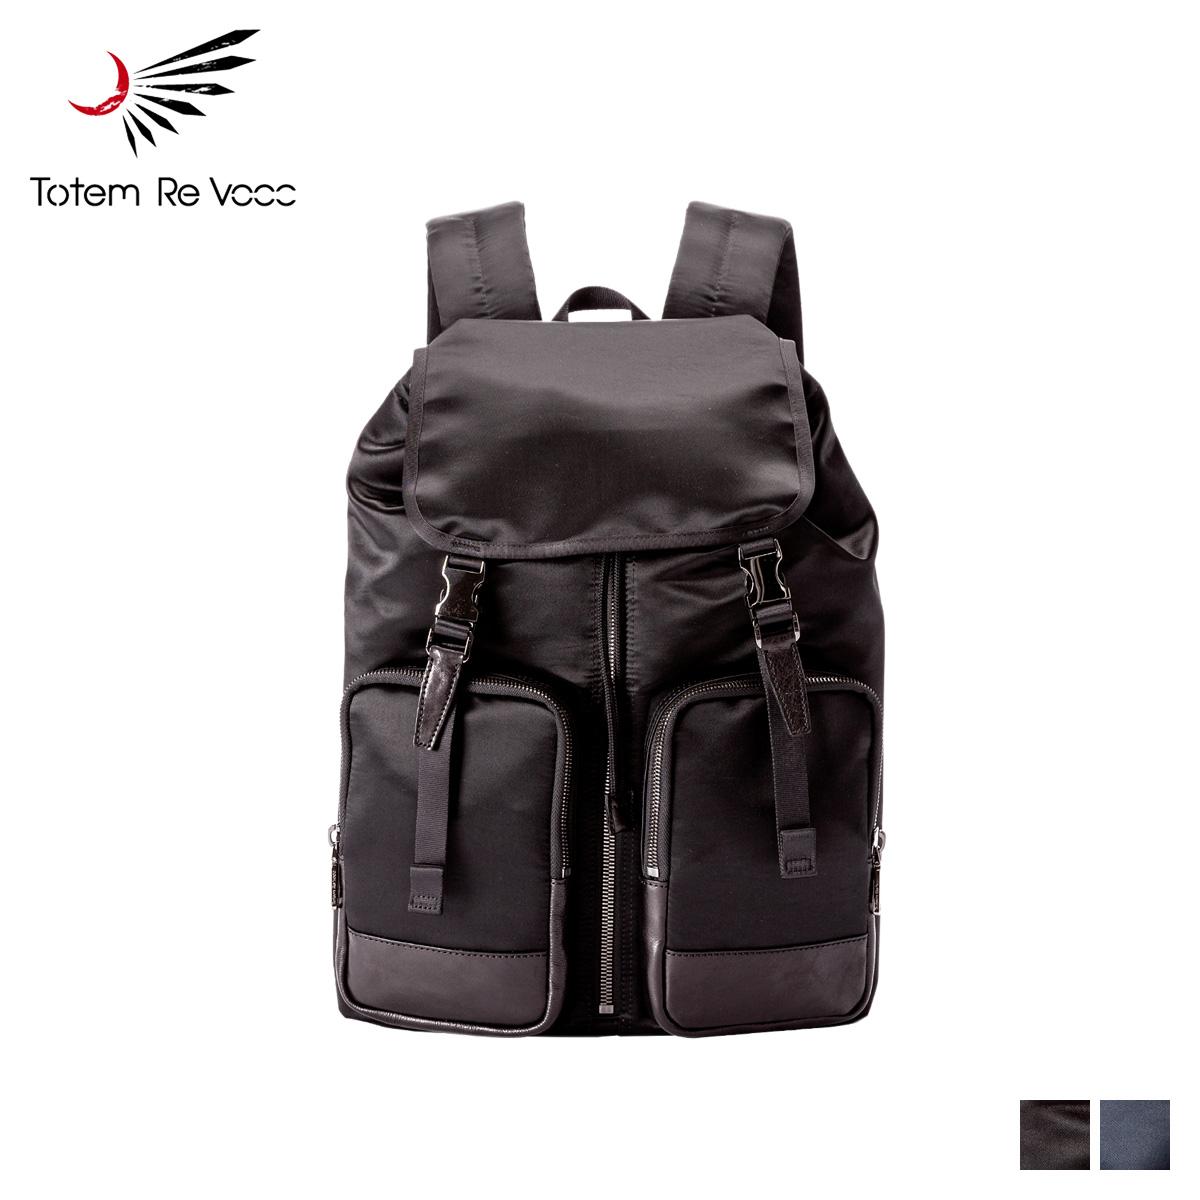 トーテムリボー Totem Re Vooo リュック バッグ バックパック メンズ 豊岡鞄 TWINKLE ブラック ネイビー 黒 TRV0802